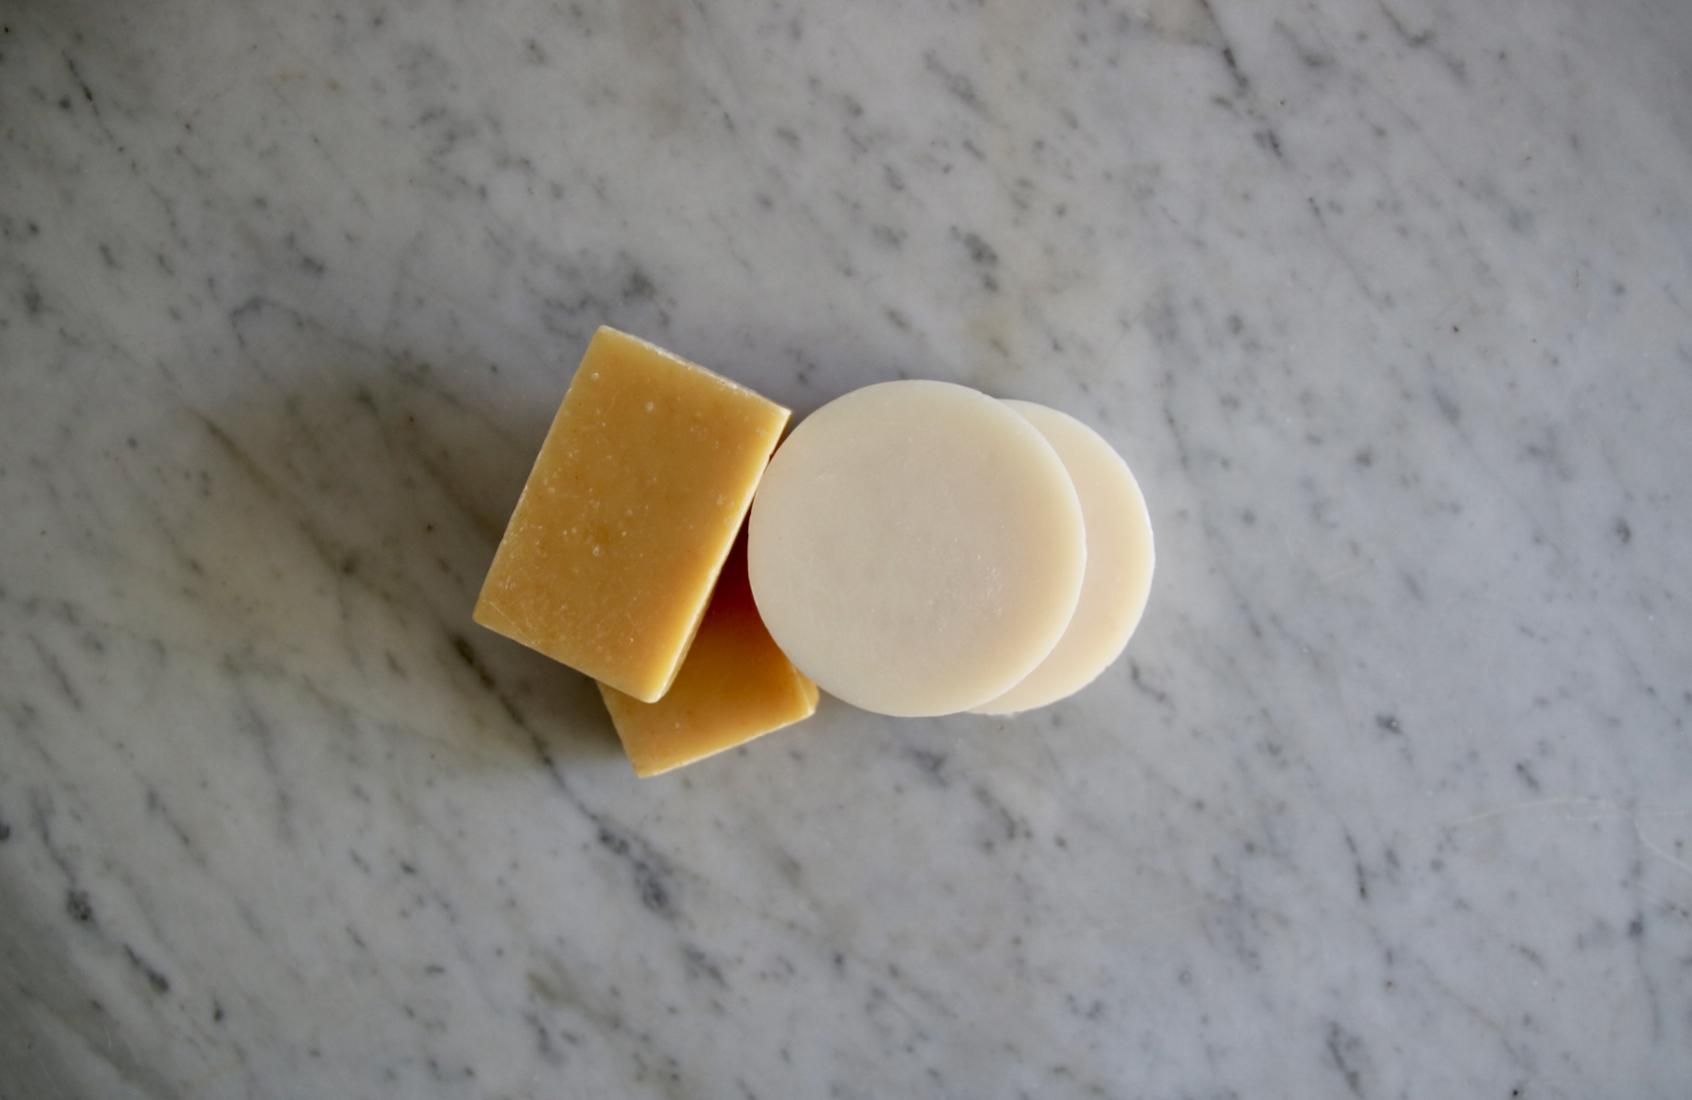 Simple zero waste swap: bar soap instead of pump soap in a plastic bottle | Litterless